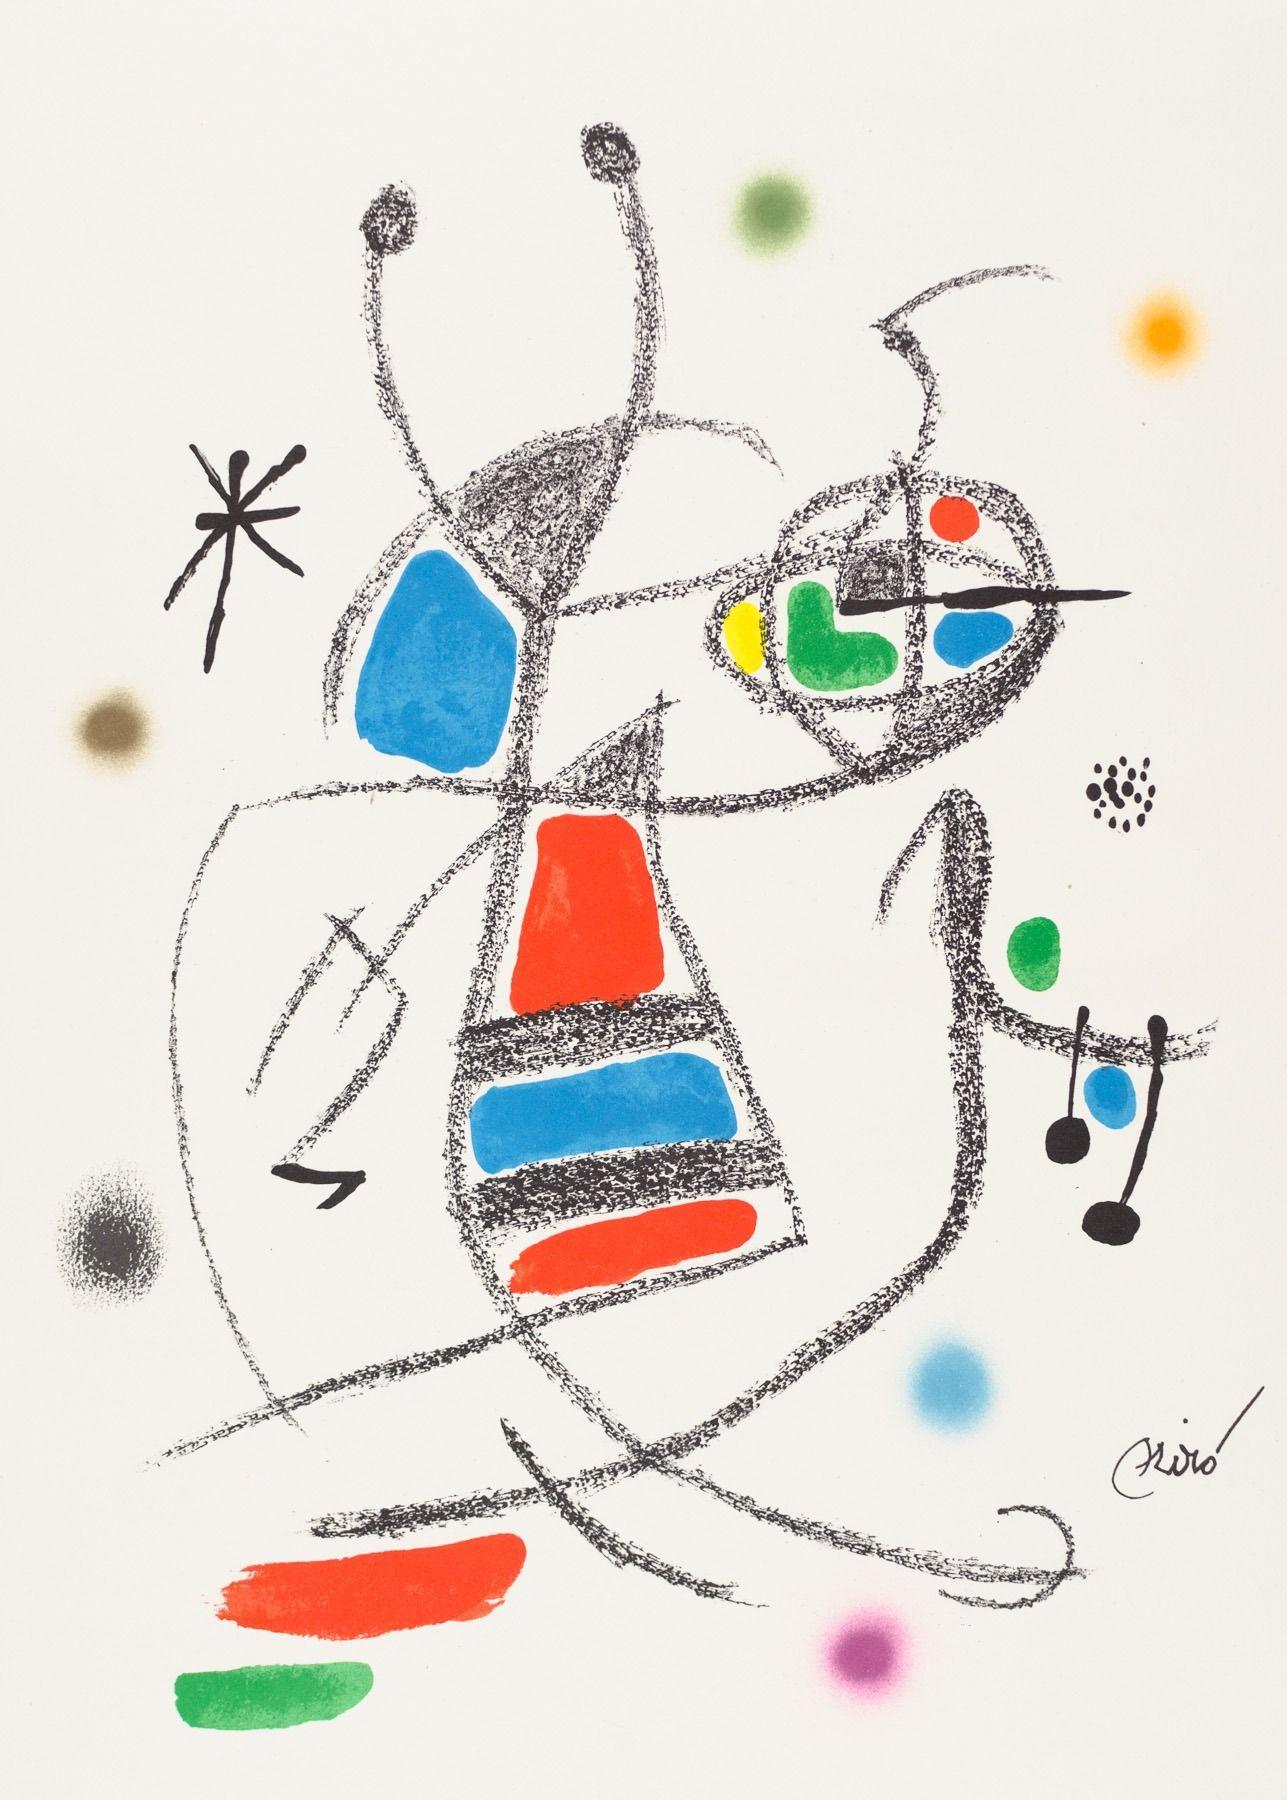 Joan Miro - Maravillas con Variaciones Acrósticas VIII, 1975